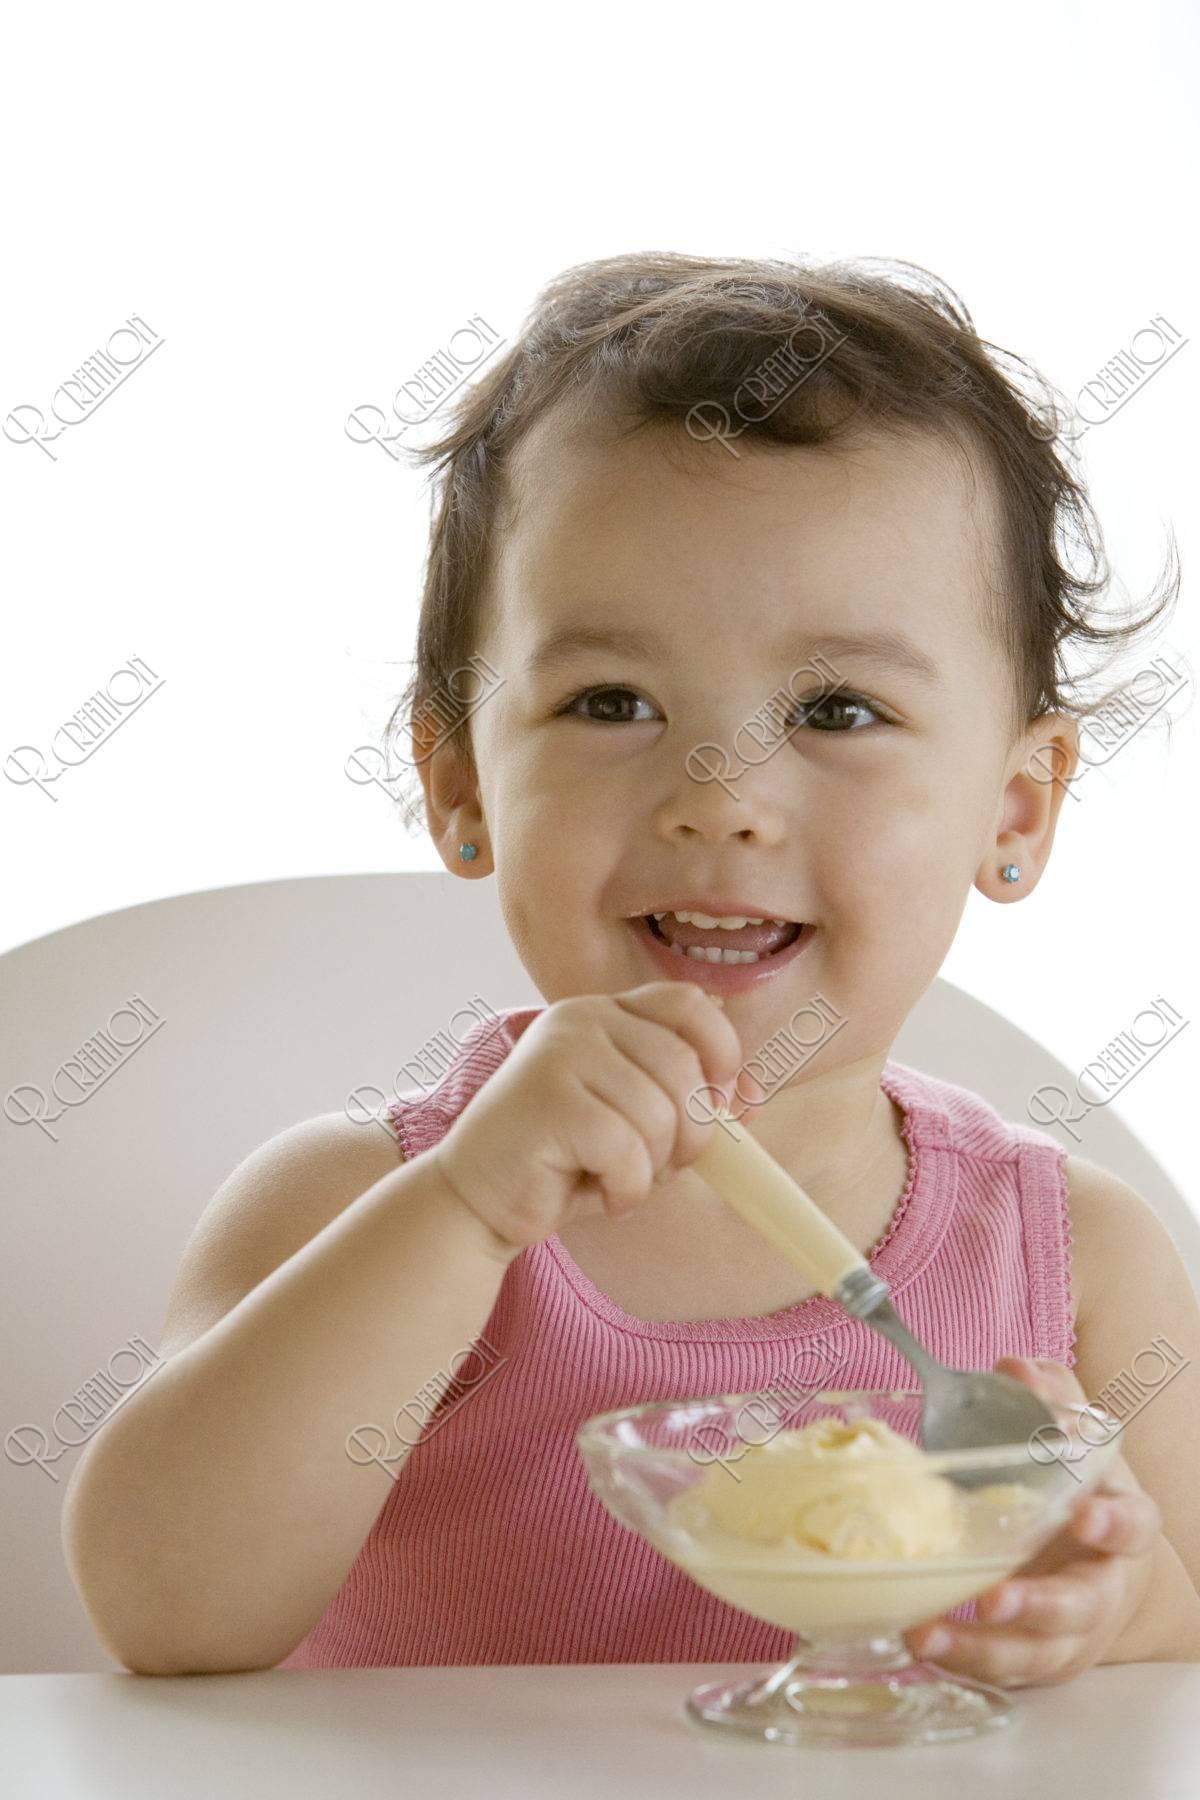 アイスクリームを食べる女の子